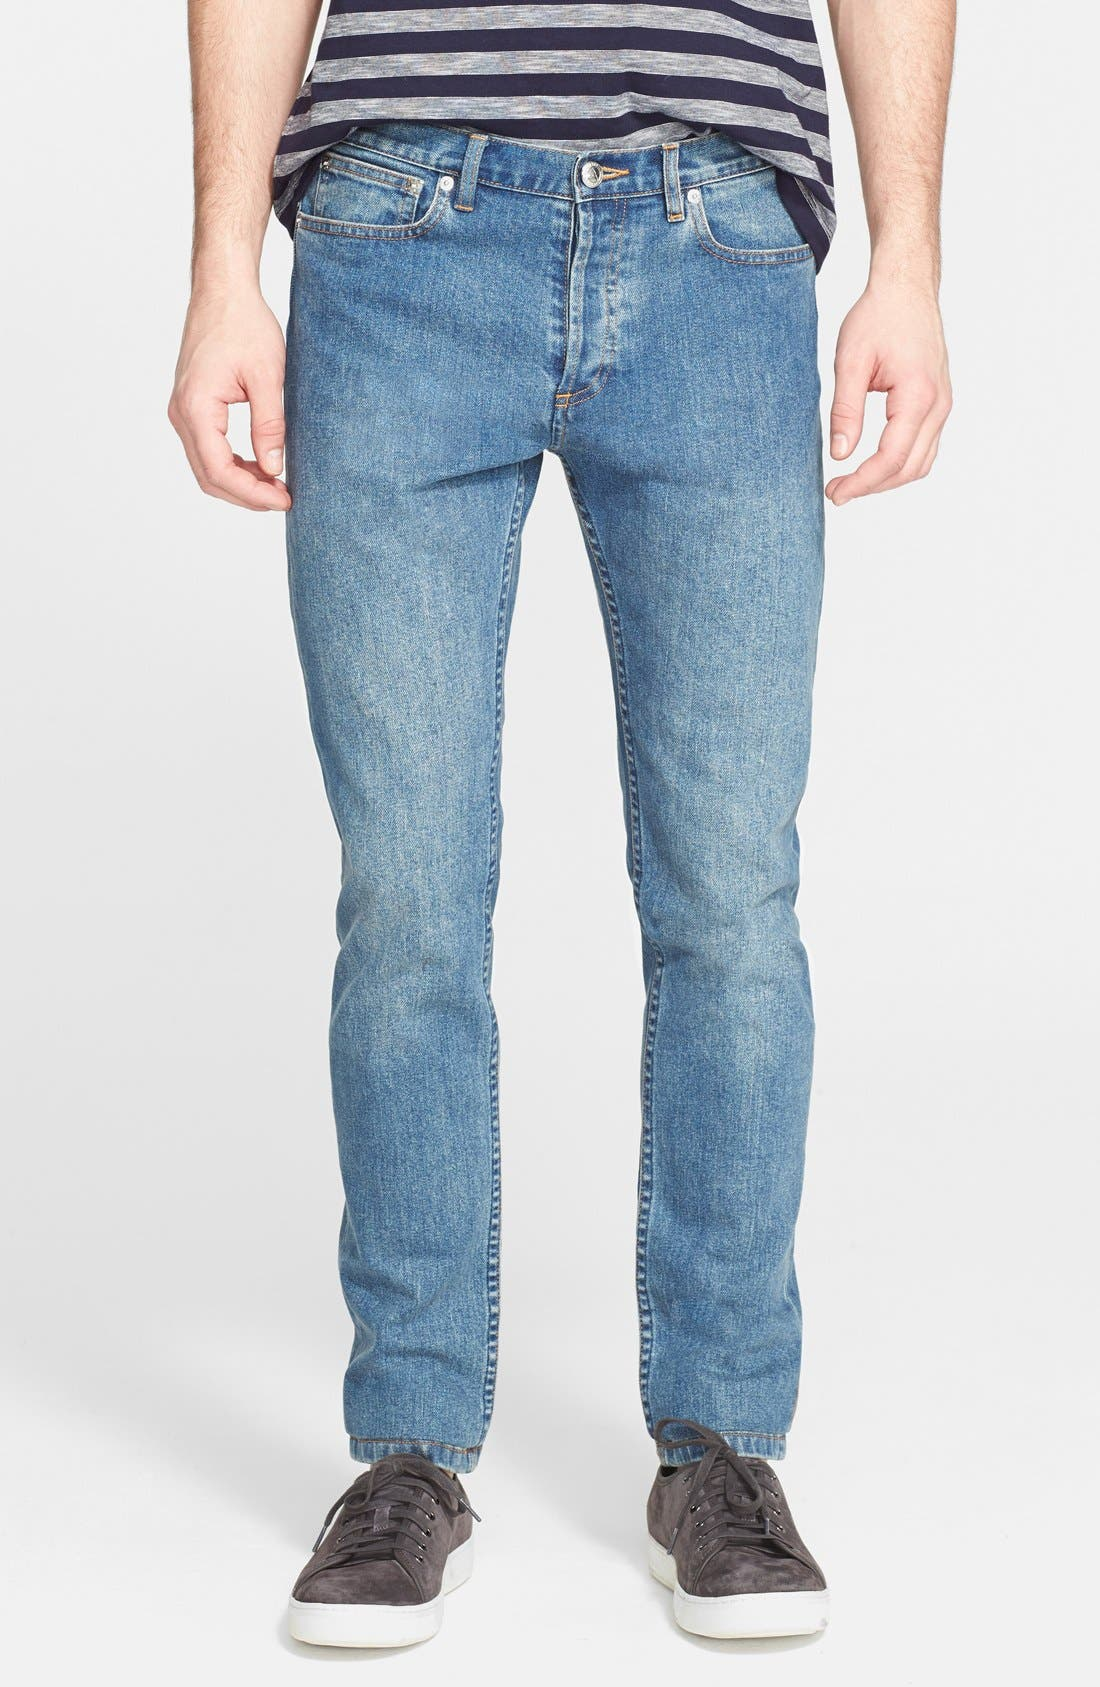 A.P.C. 'Petit New Standard' Skinny Fit Jeans